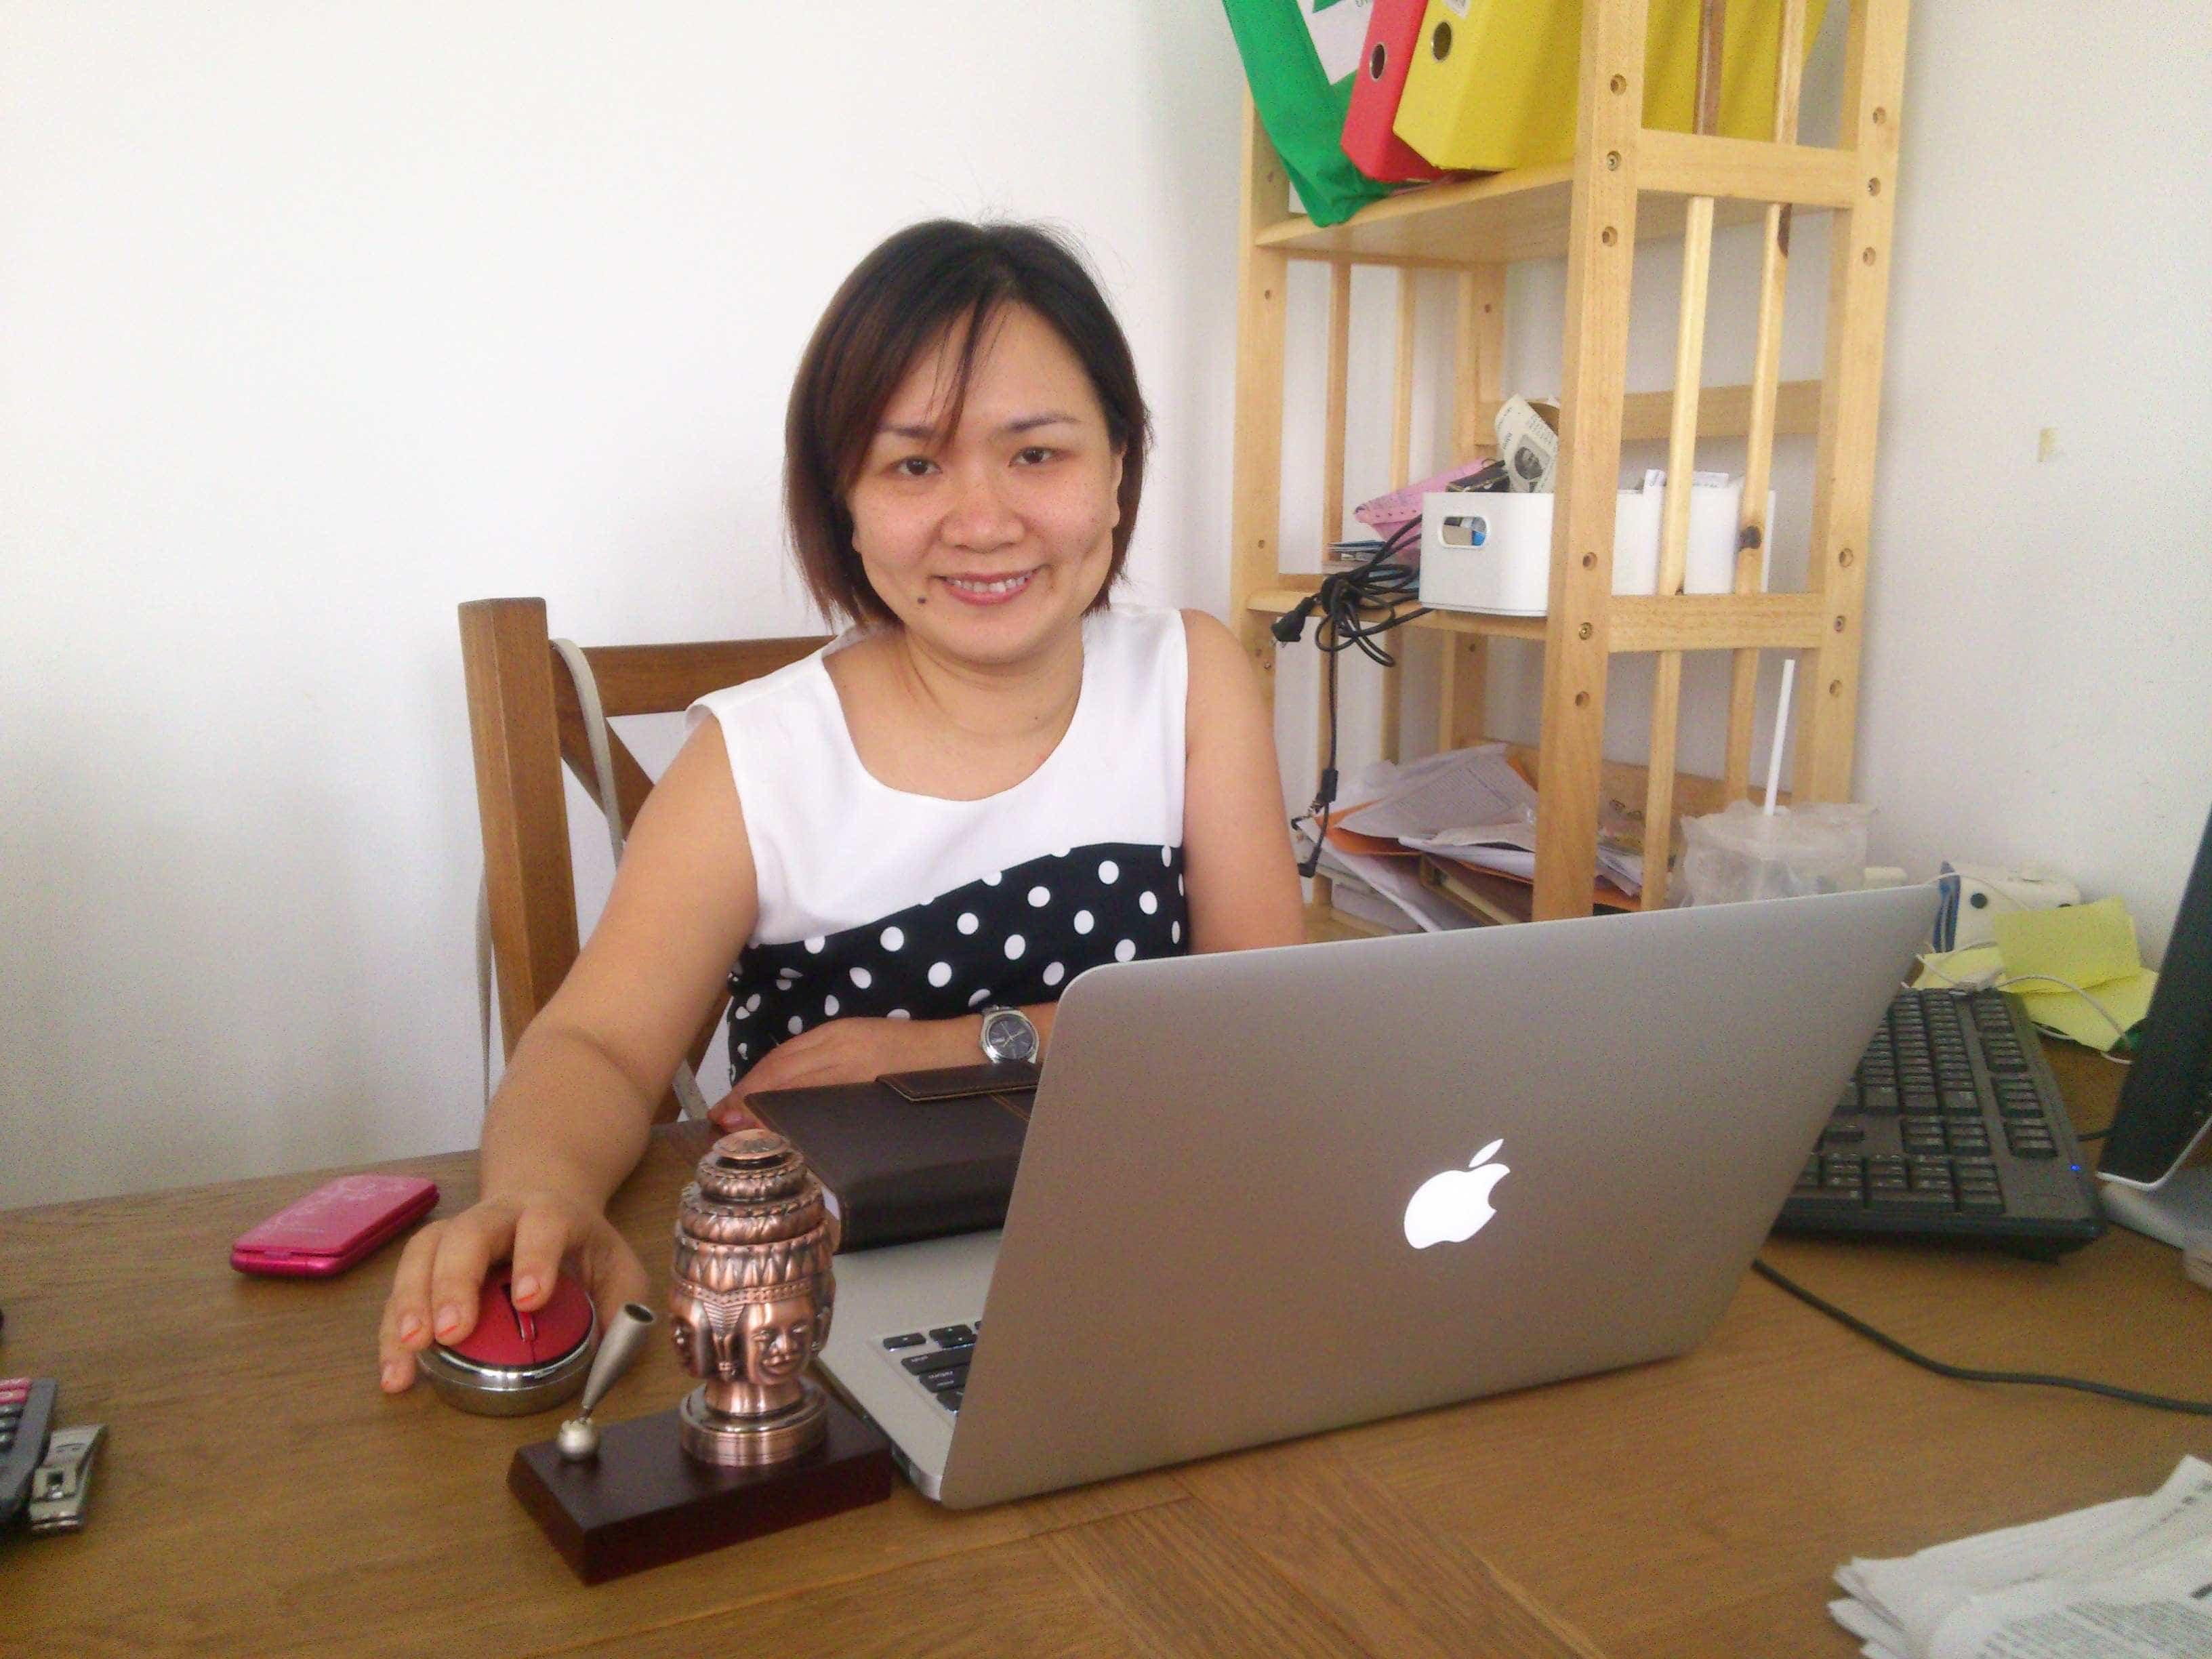 CÔNG TY KARTA, Lưu Vân Trang, Doanh nghiệp, xây dựng môi trường, công nhân